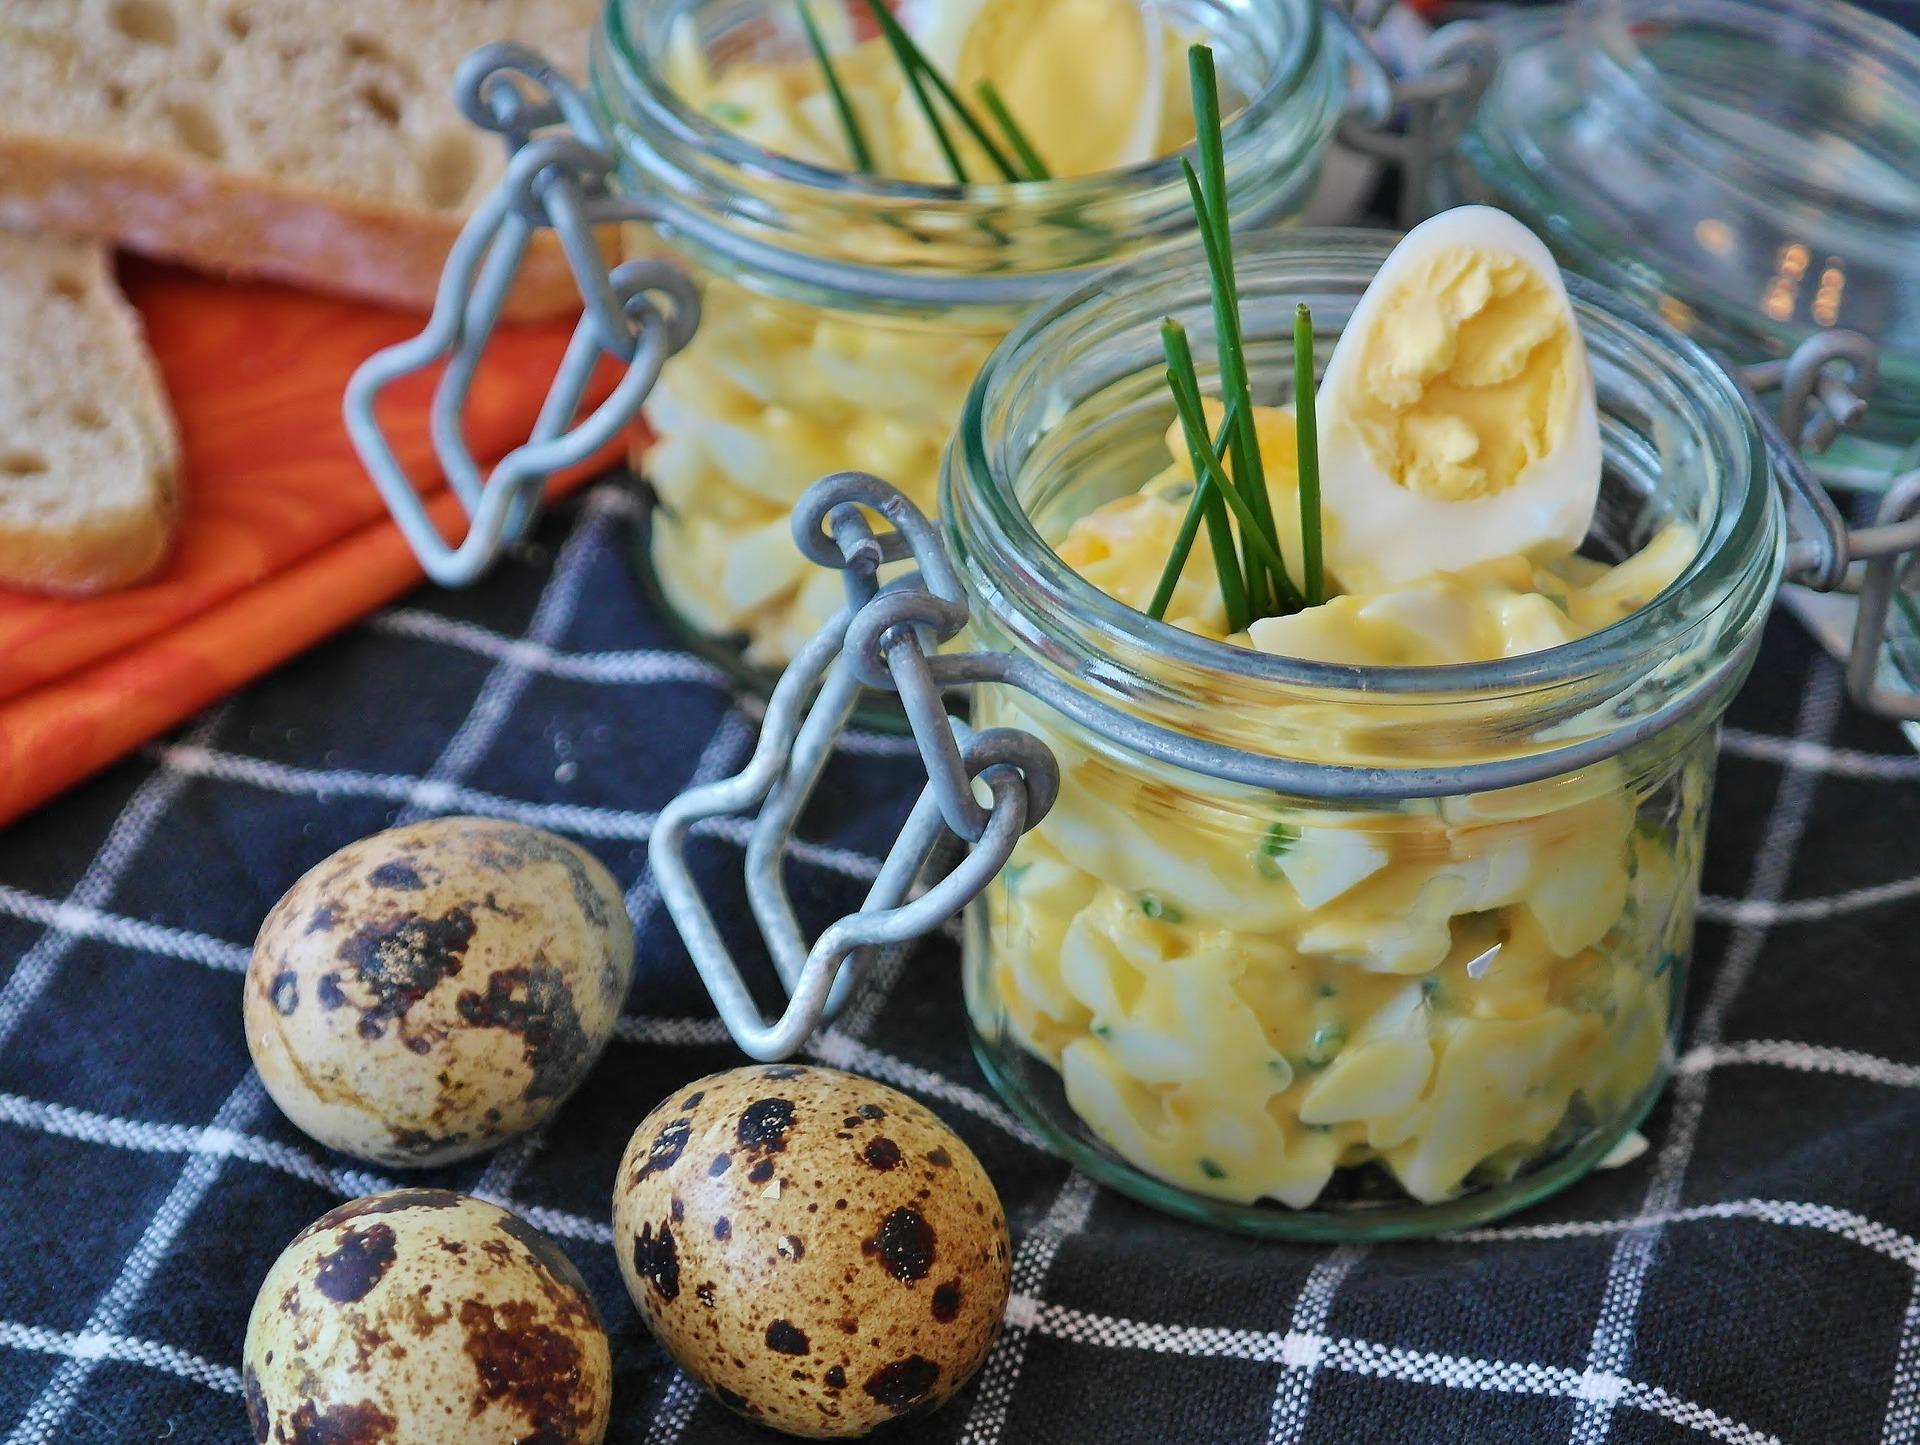 Salata de cartofi cu oua- sfatulparintilor.ro - pixabay_com - egg-salad-3290722_1920